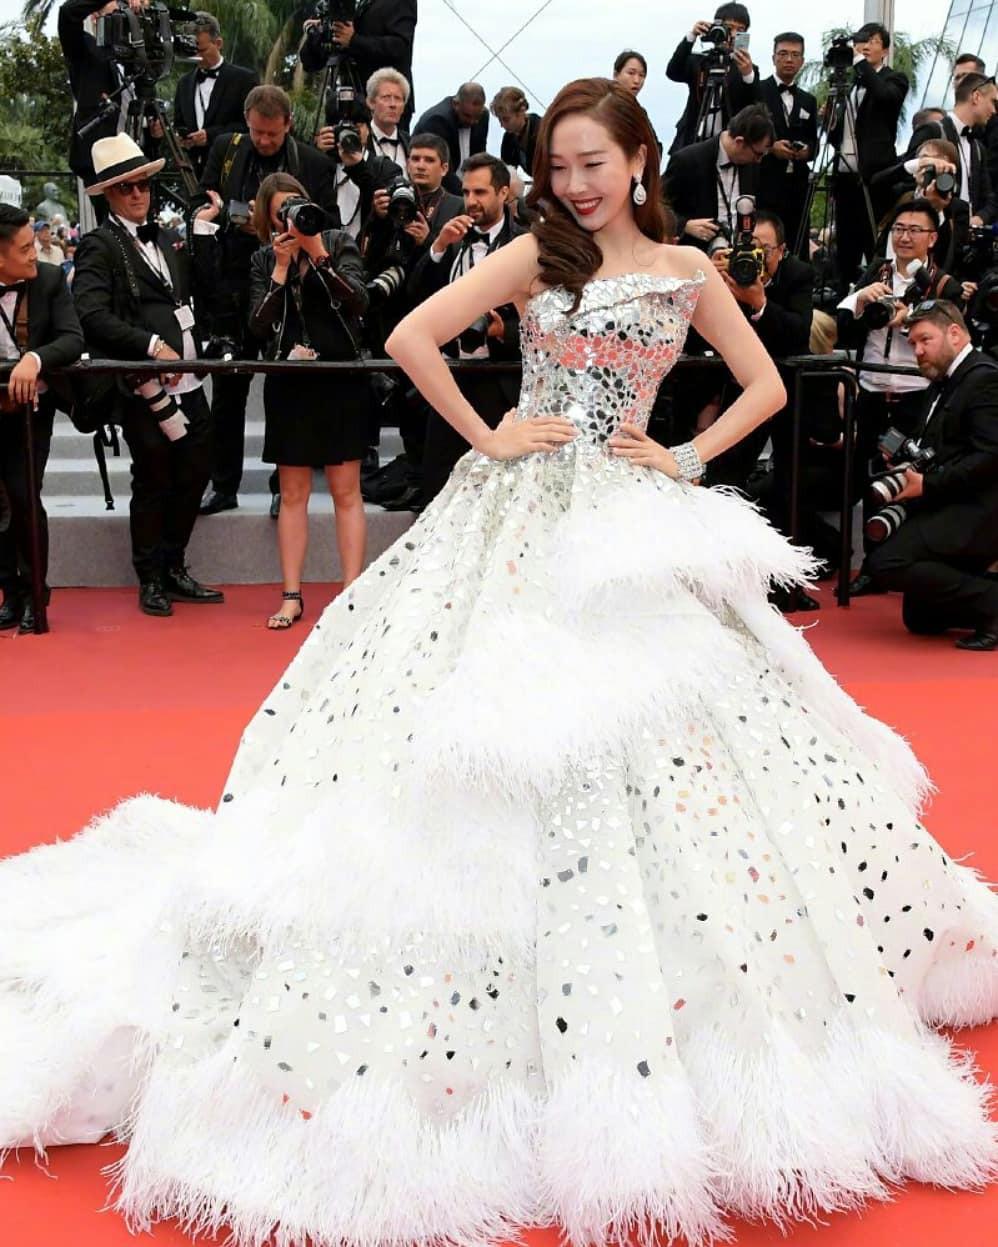 Ham váy vóc tùng xòe, Jessica suýt ngã và phải nhờ 2 người nâng váy tại thảm đỏ Cannes 2019-5